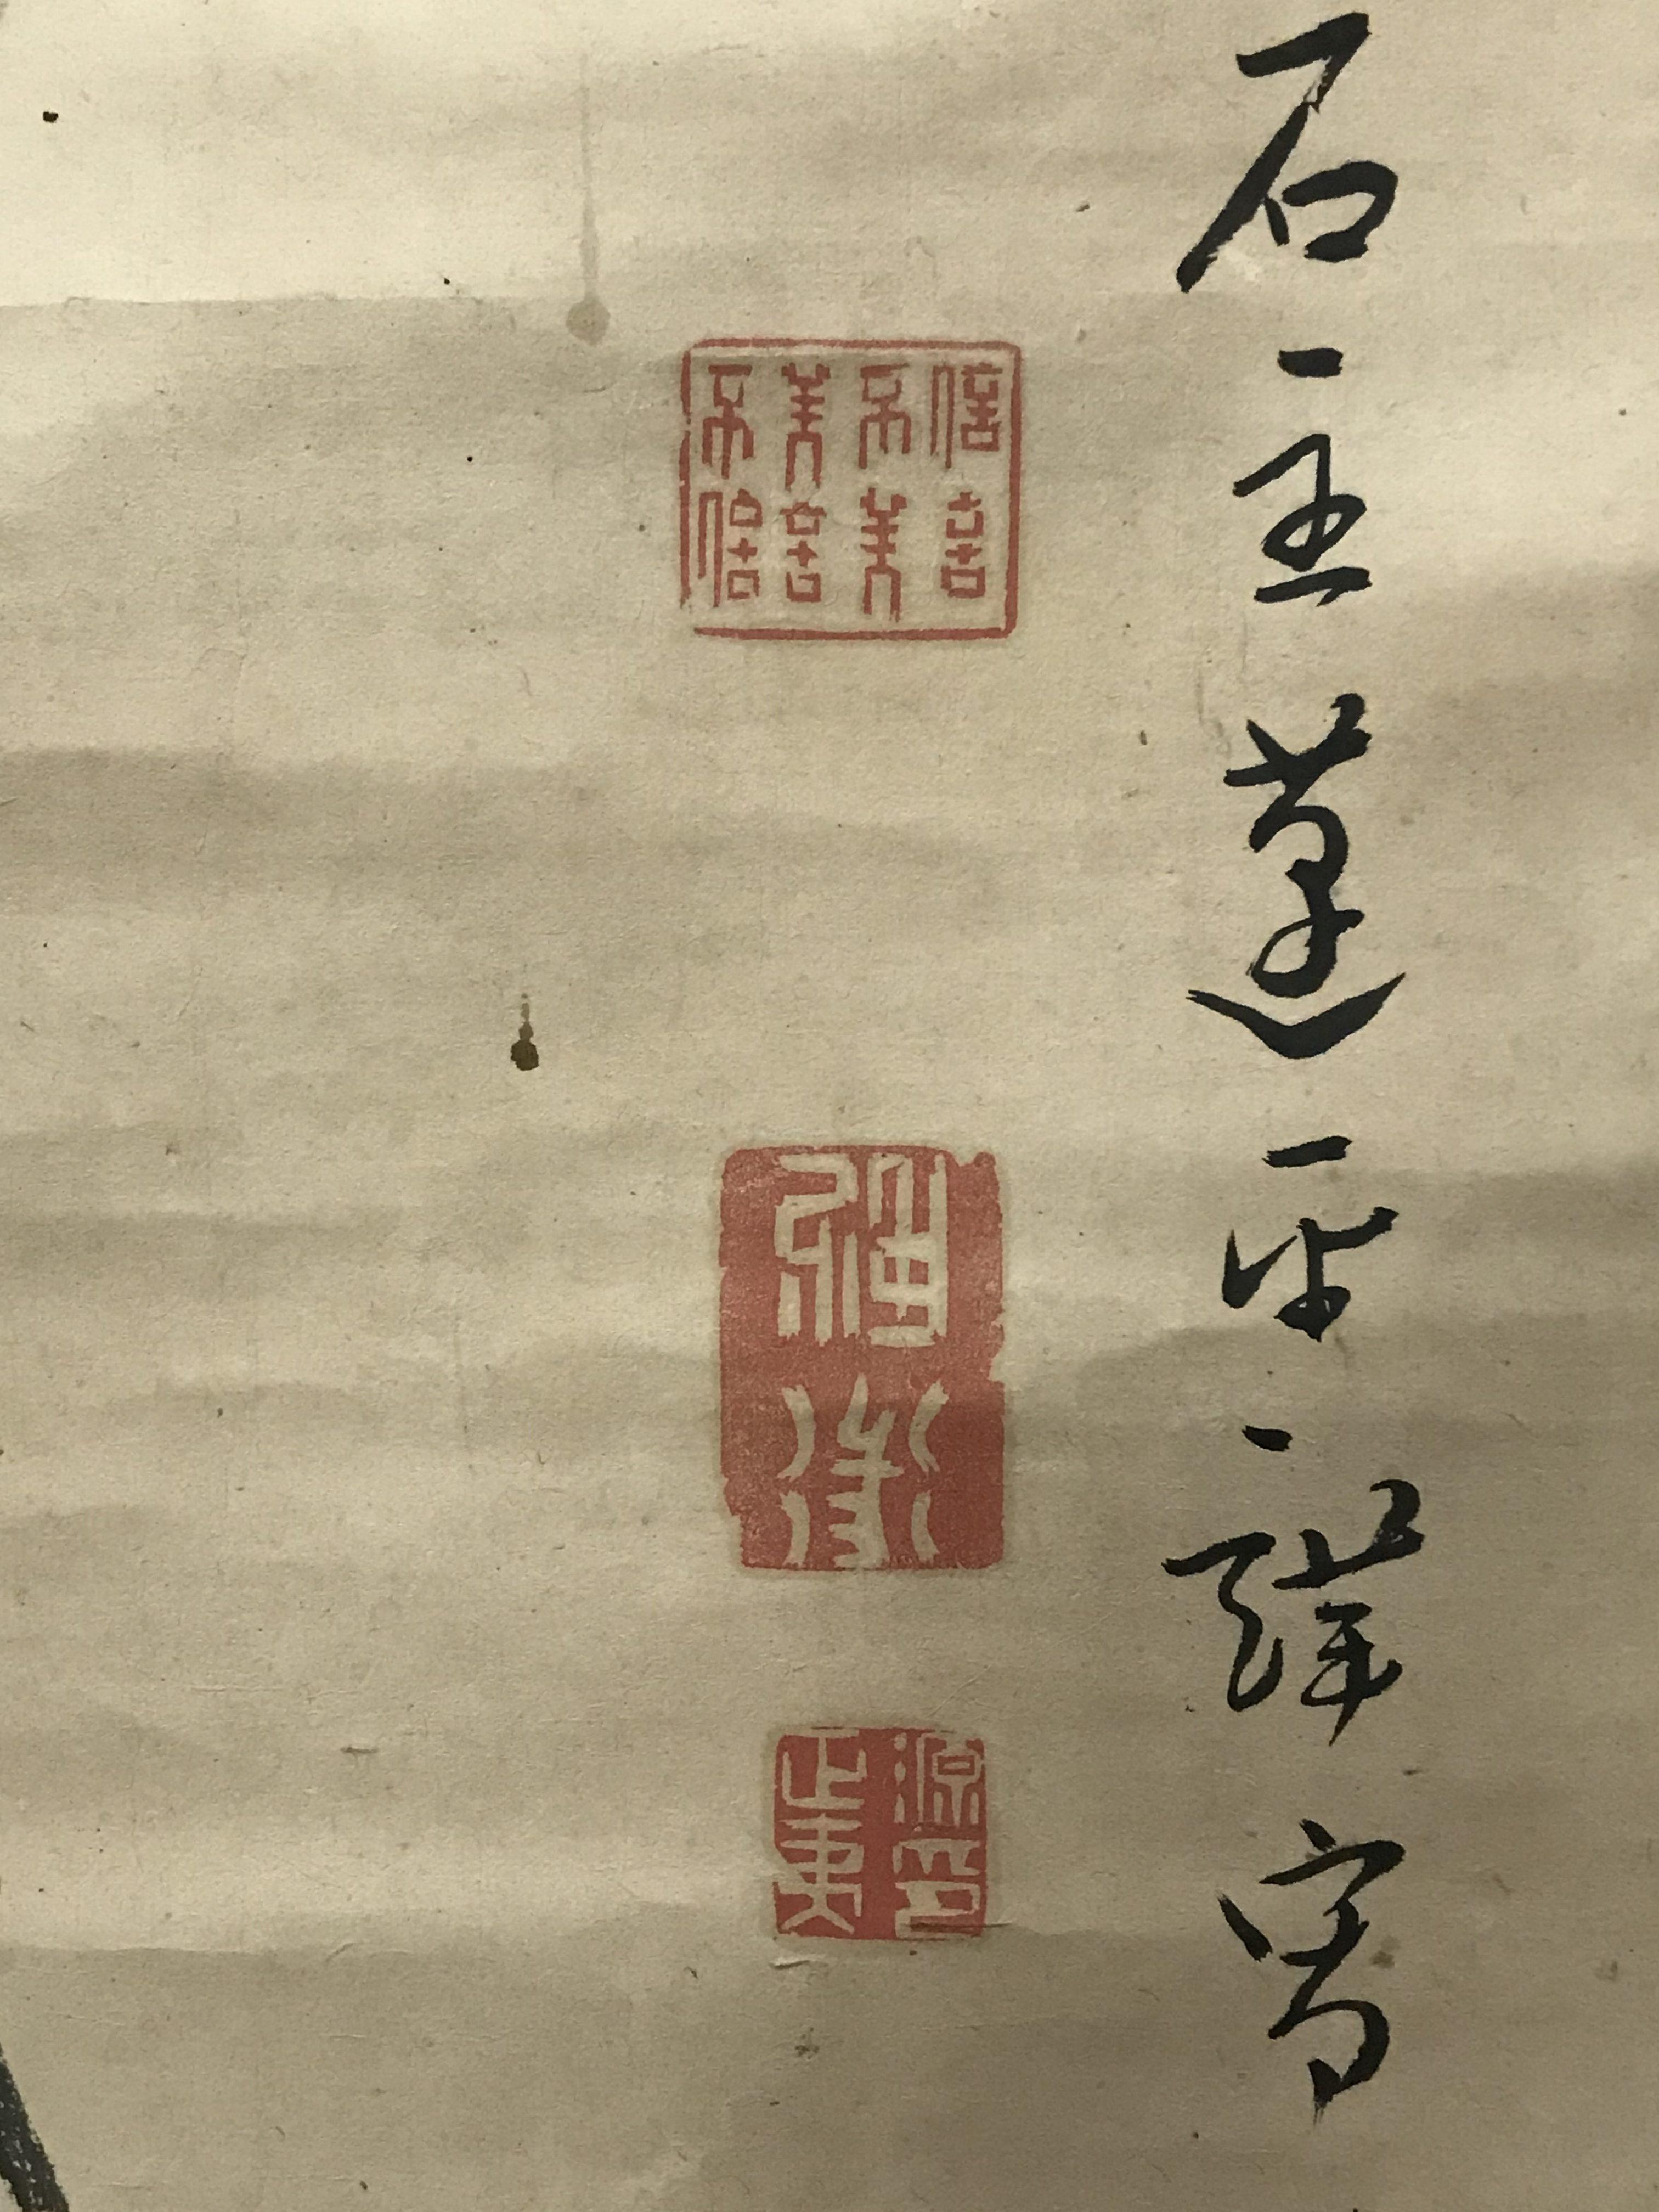 佐竹蓬平 老子図